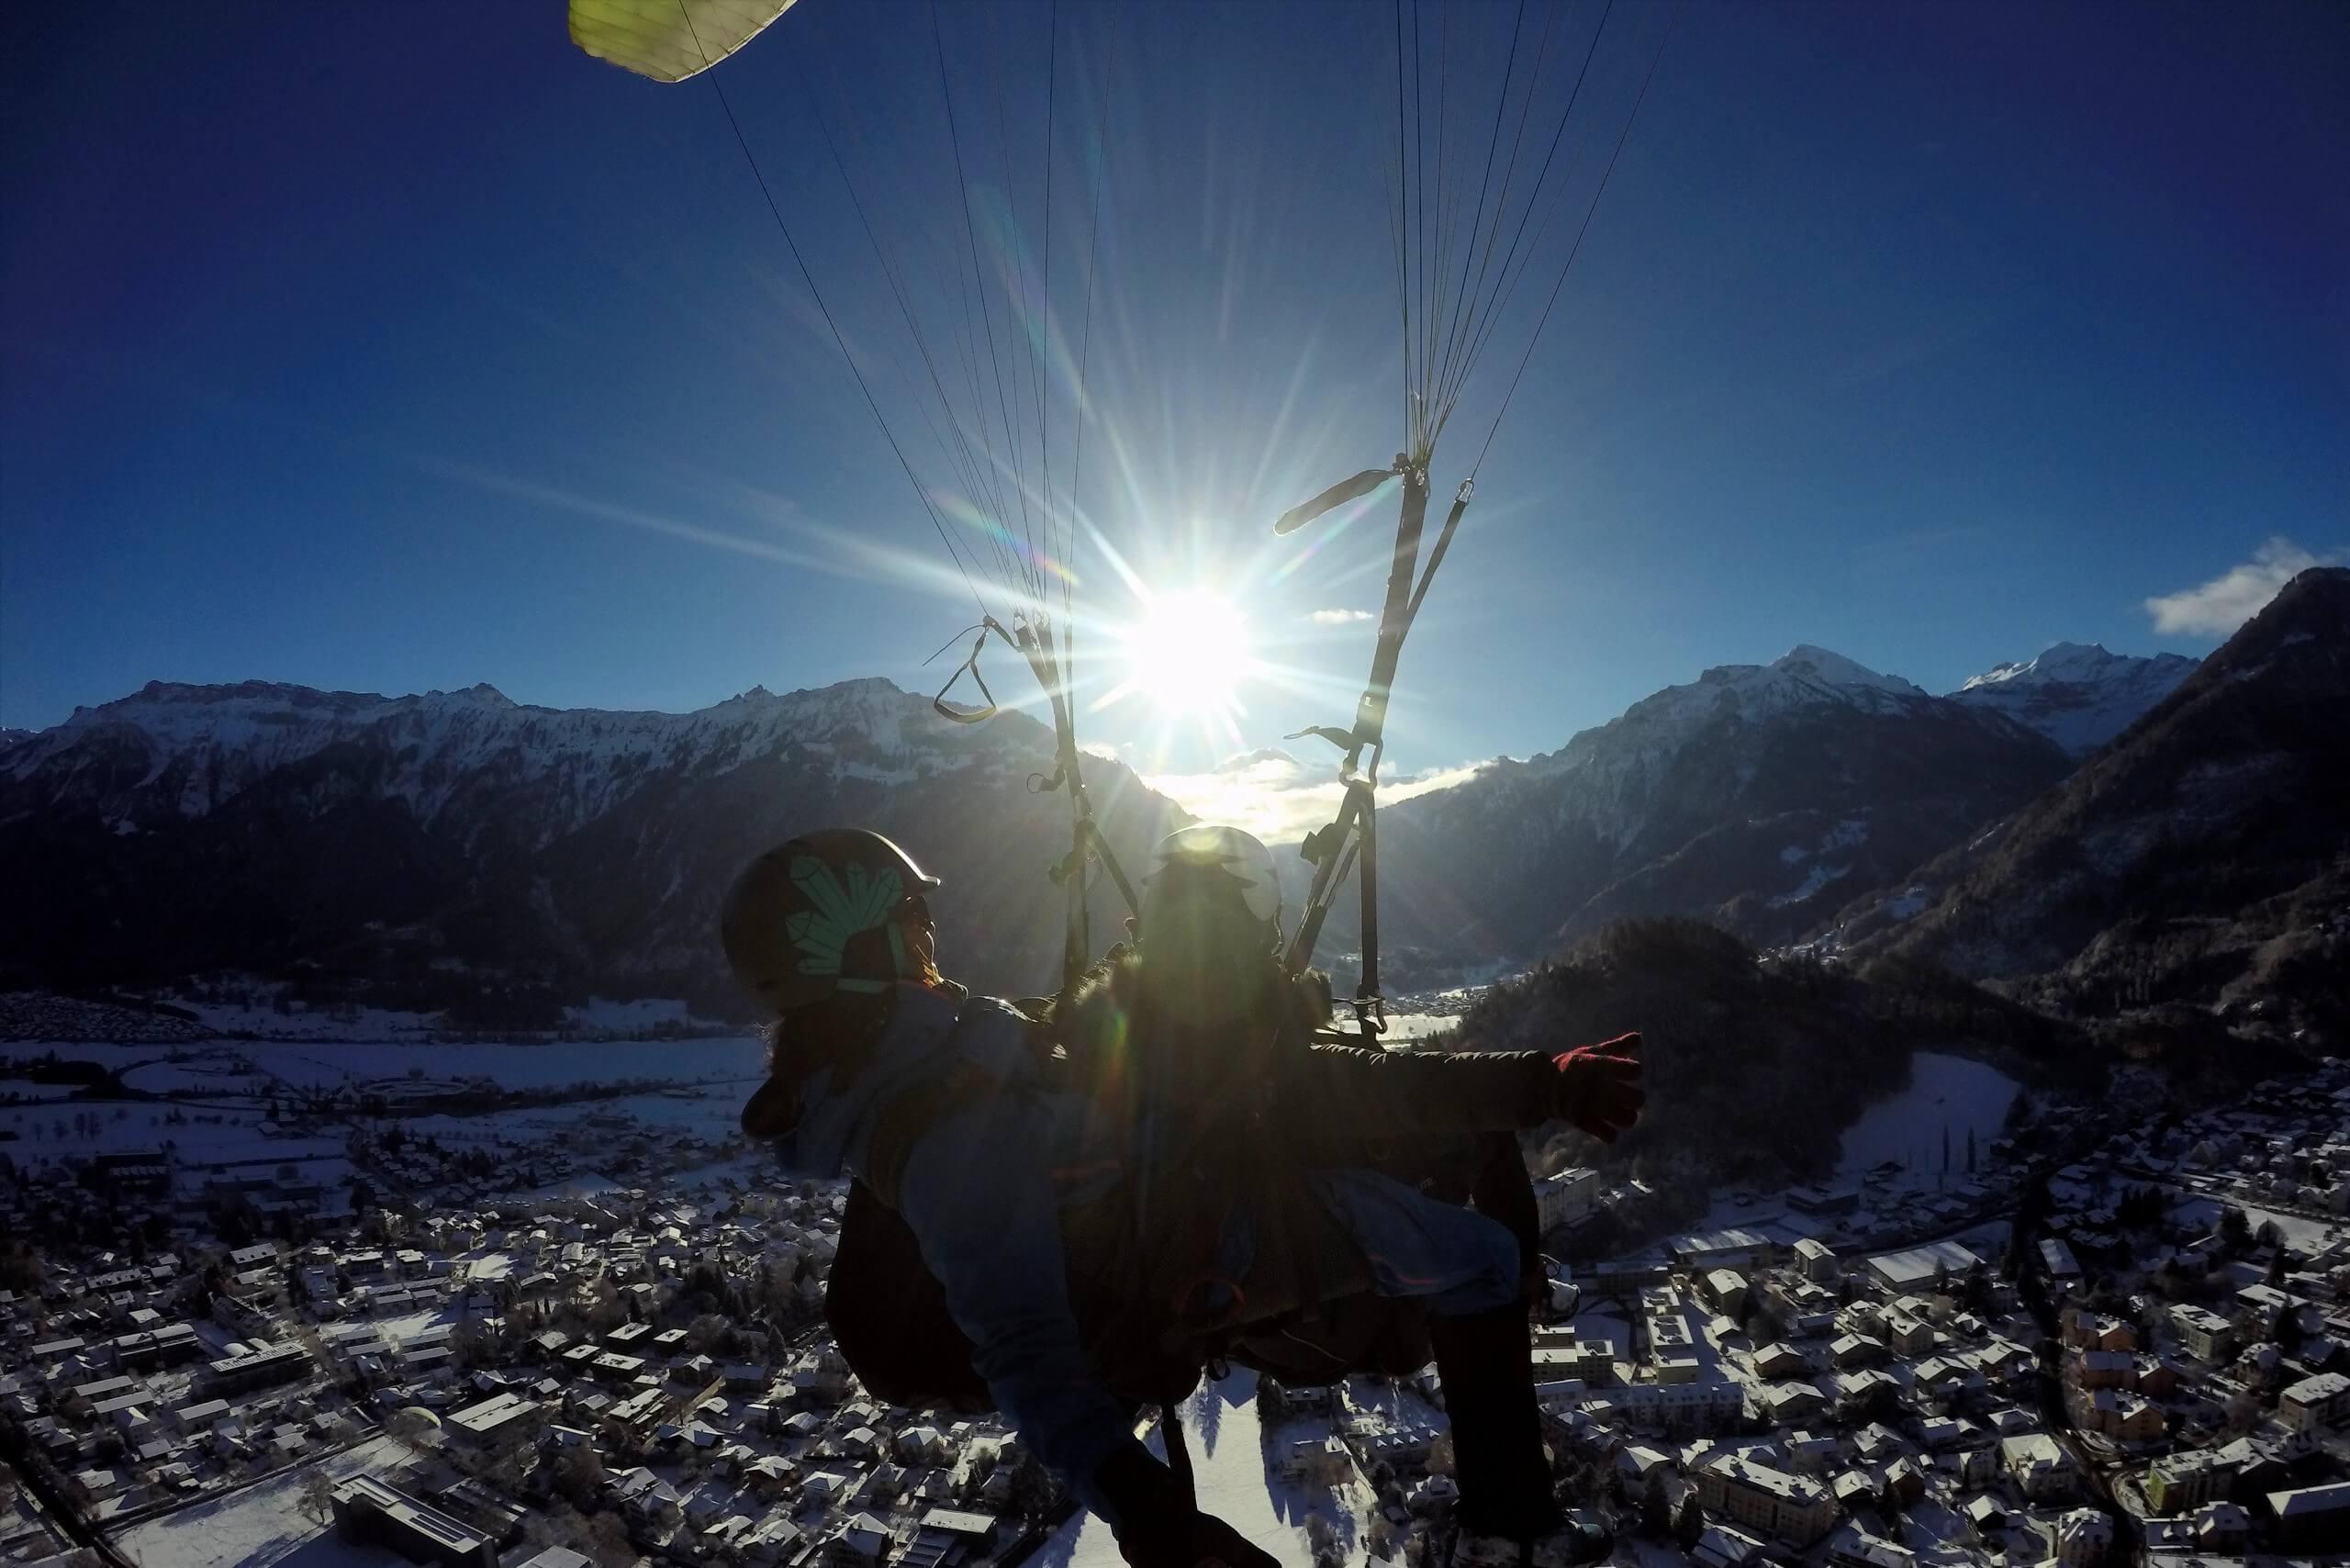 interlaken-paragliding-alpinair-interlaken-winter-sonne